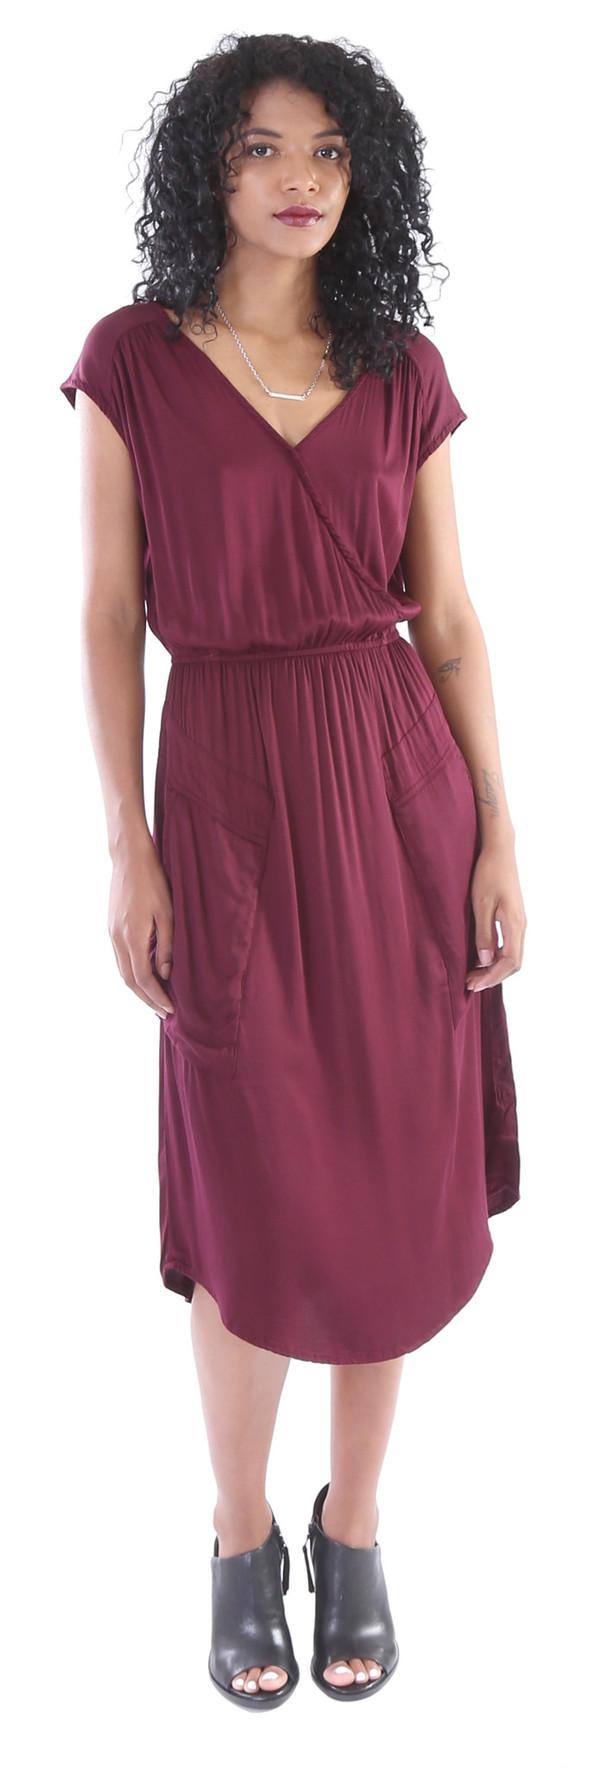 THE ODELLS Cafe Dress